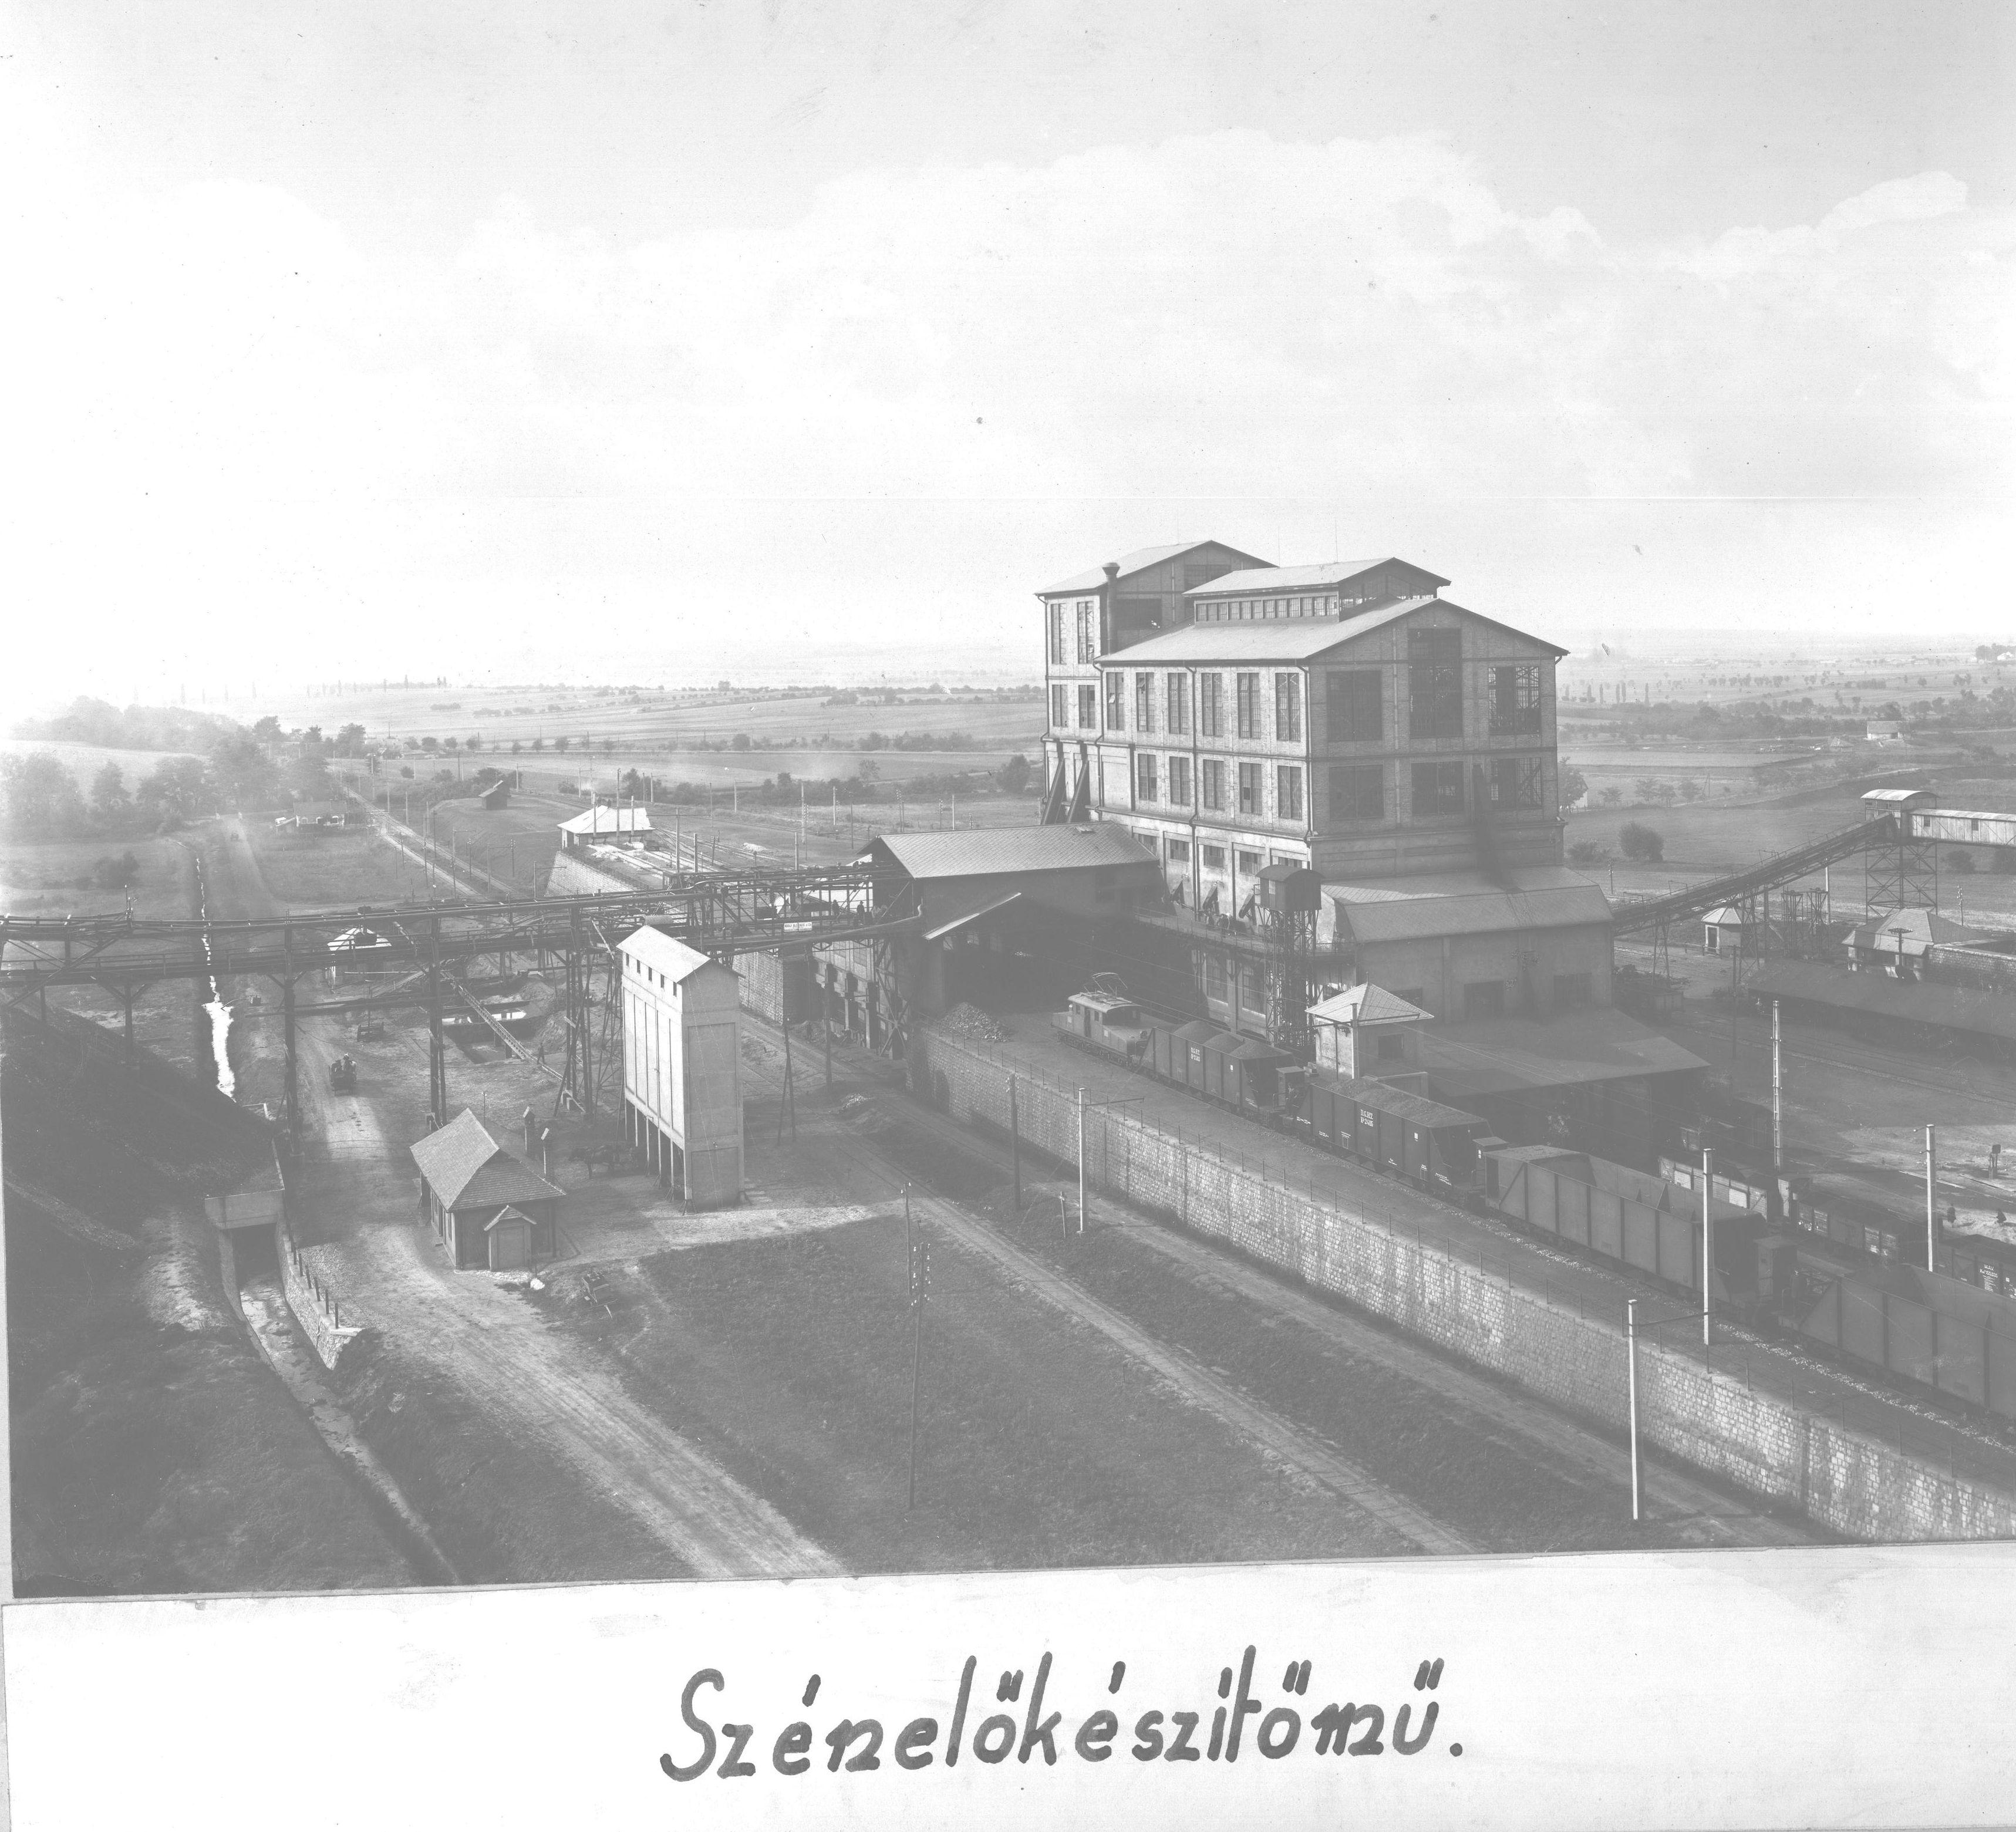 Pécsújhegy Szénelőkészítőmű, brikettgyár és központi műhely